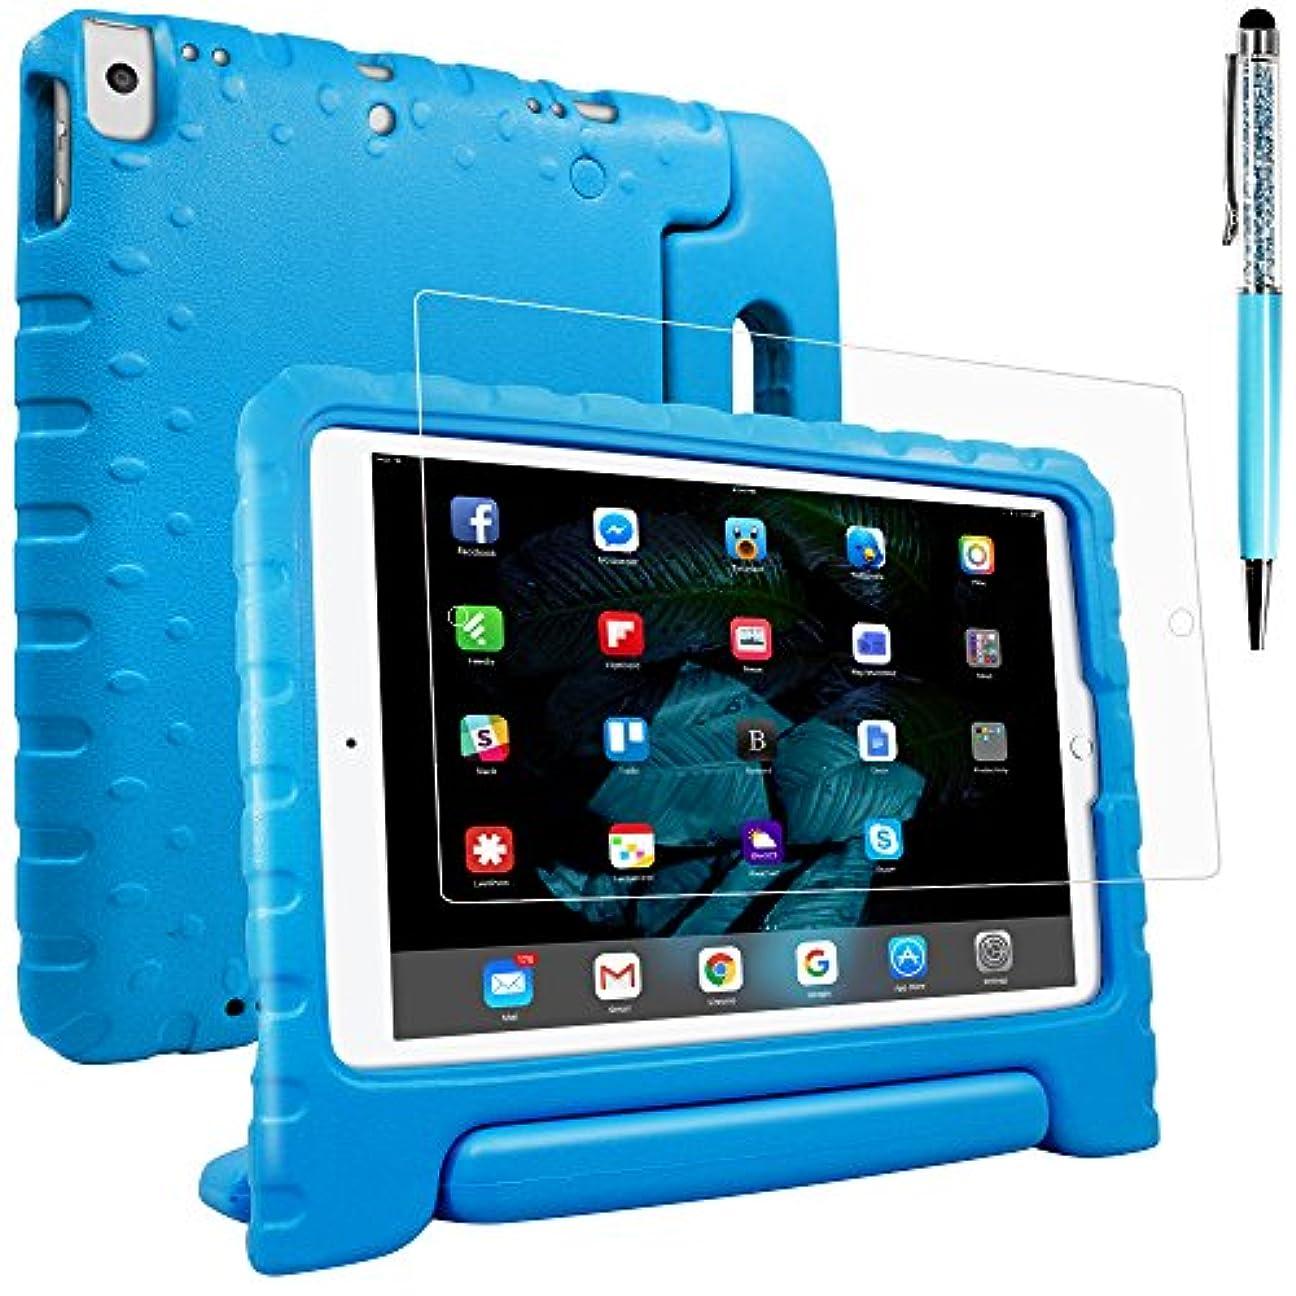 ルビーユーモラスヘルパーNew iPad Pro 10.5 Inch (2017) 保護ケース + 保護フィルム + スタイラス AFUNTA スタンド として使え EVA 保護ケース PET カバー Apple 10.5  タブレット 用-ブルー